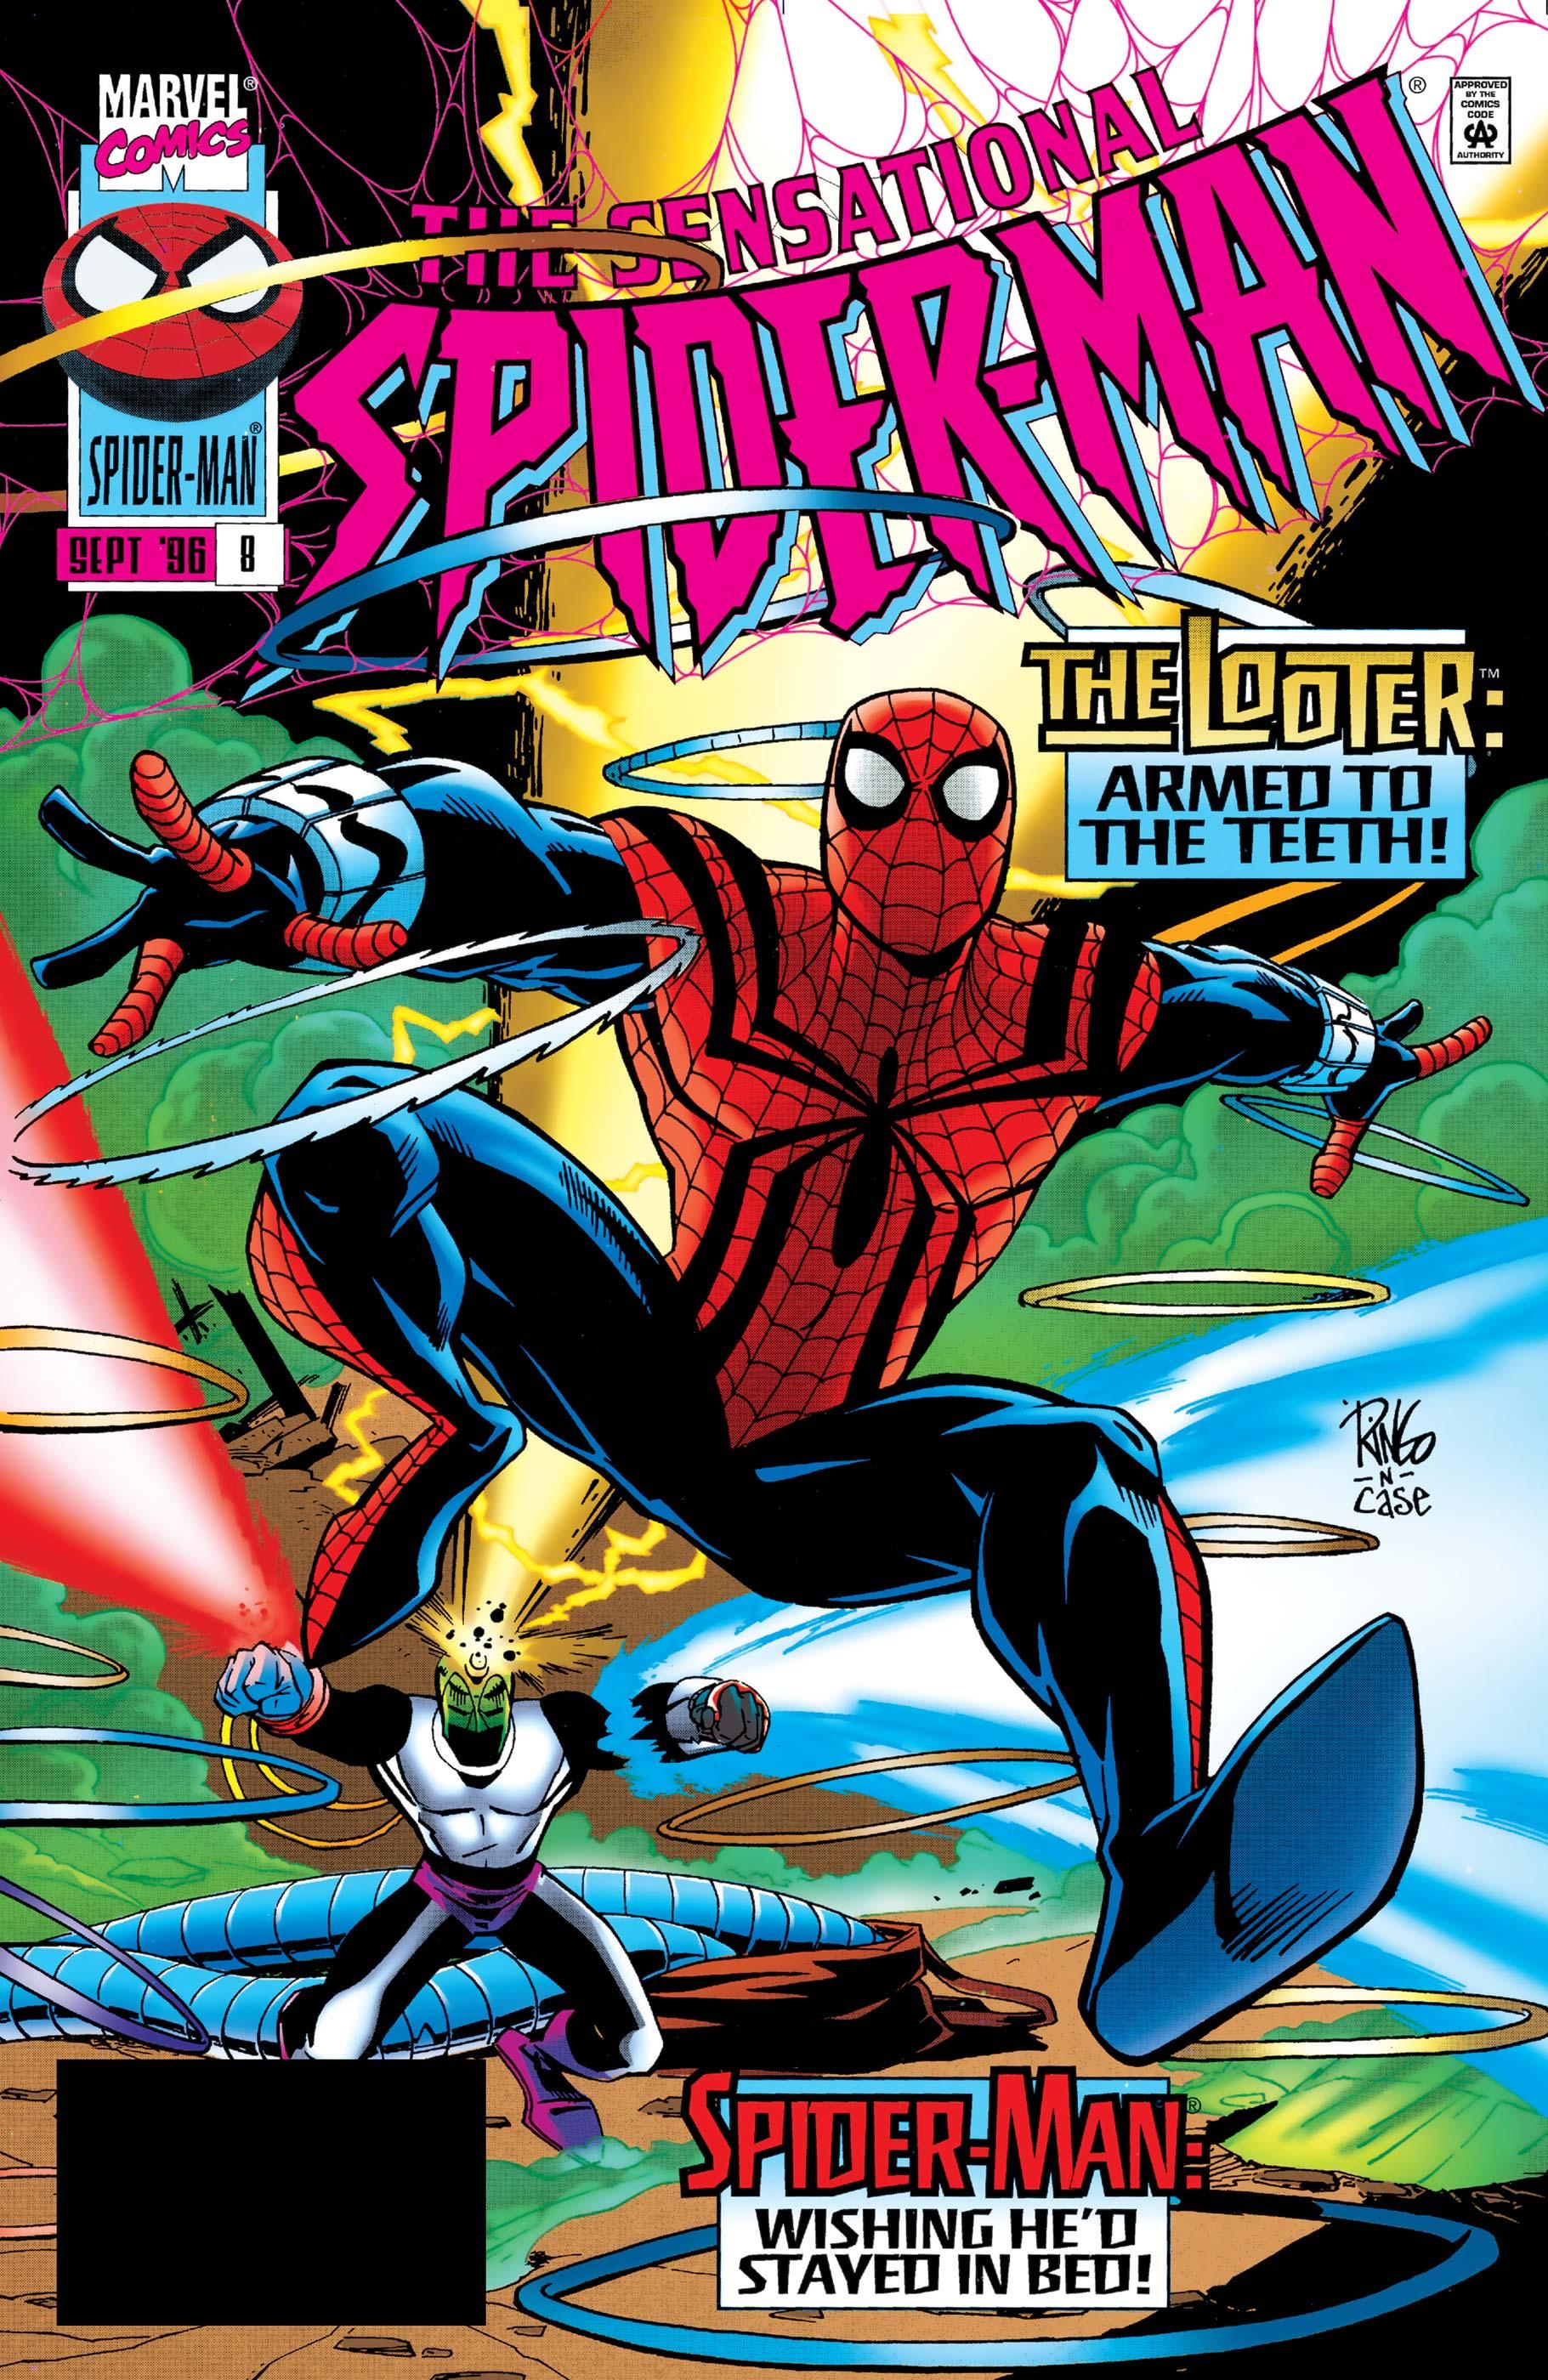 Sensational Spider-Man (1996) #8